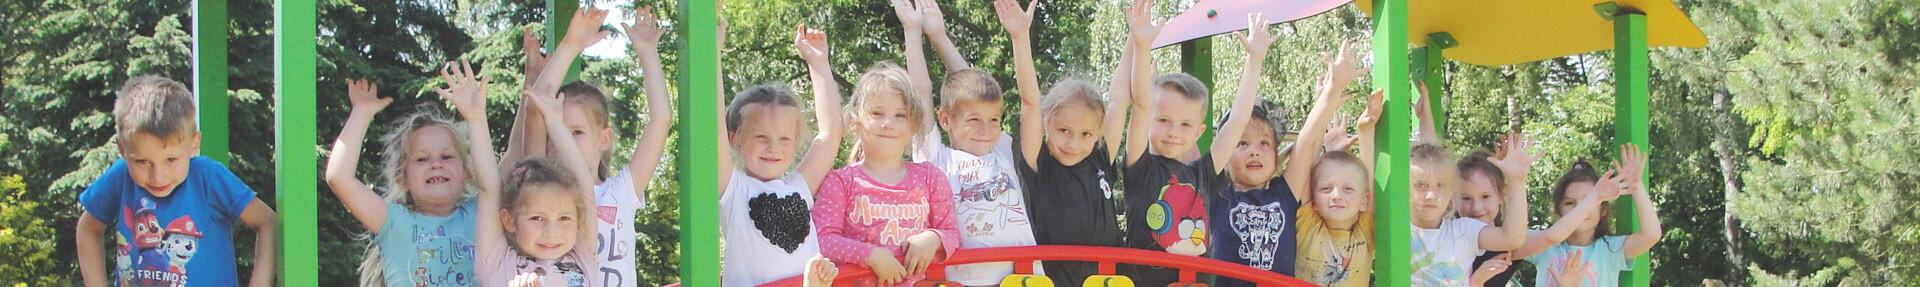 Przedszkole Sióstr Urszulanek SJK w Pniewach